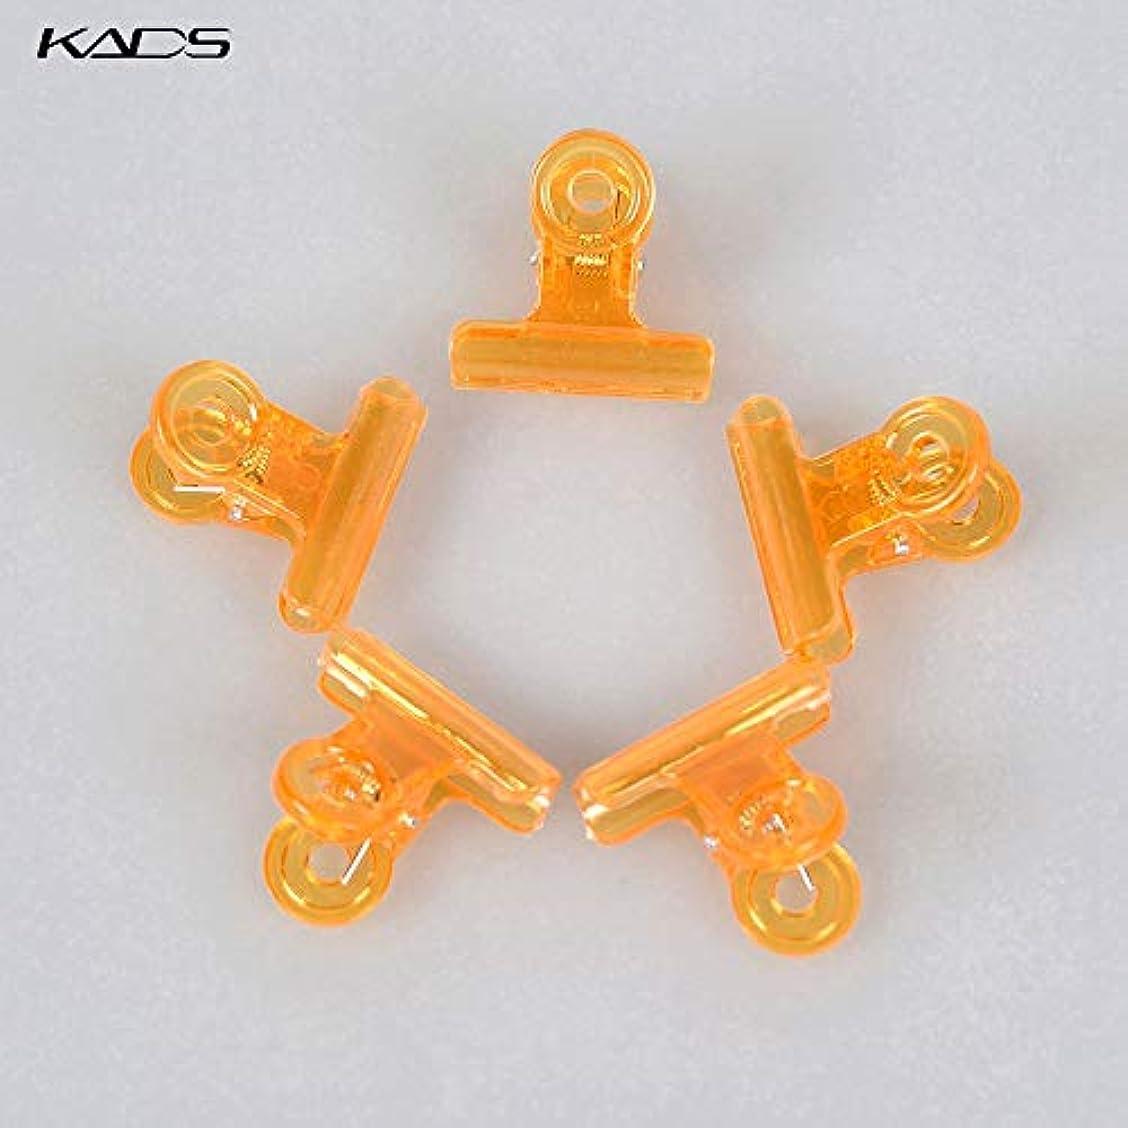 攻撃的アンカー鷹KADS ネイルクリップ ネイルエクステンションクリップ プラスチック製 ネイルアート用品 (オレンジ)